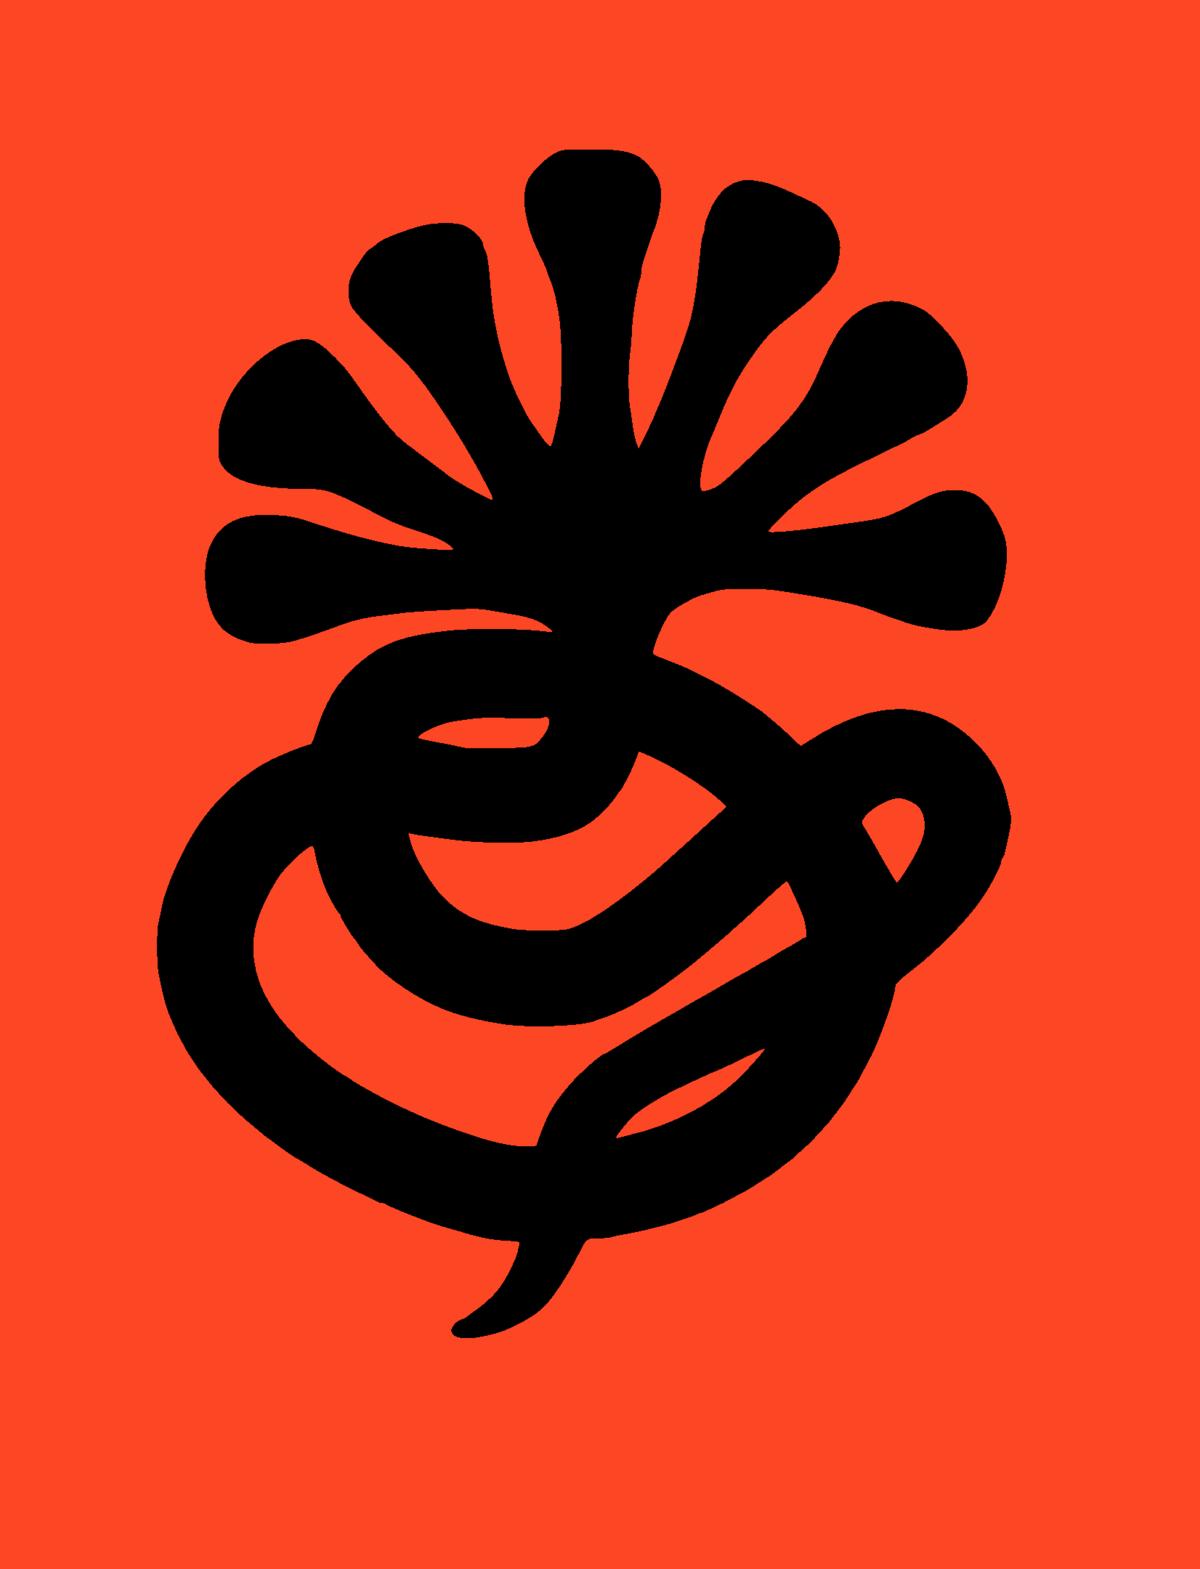 Symbionese Liberation Army Wikipedia